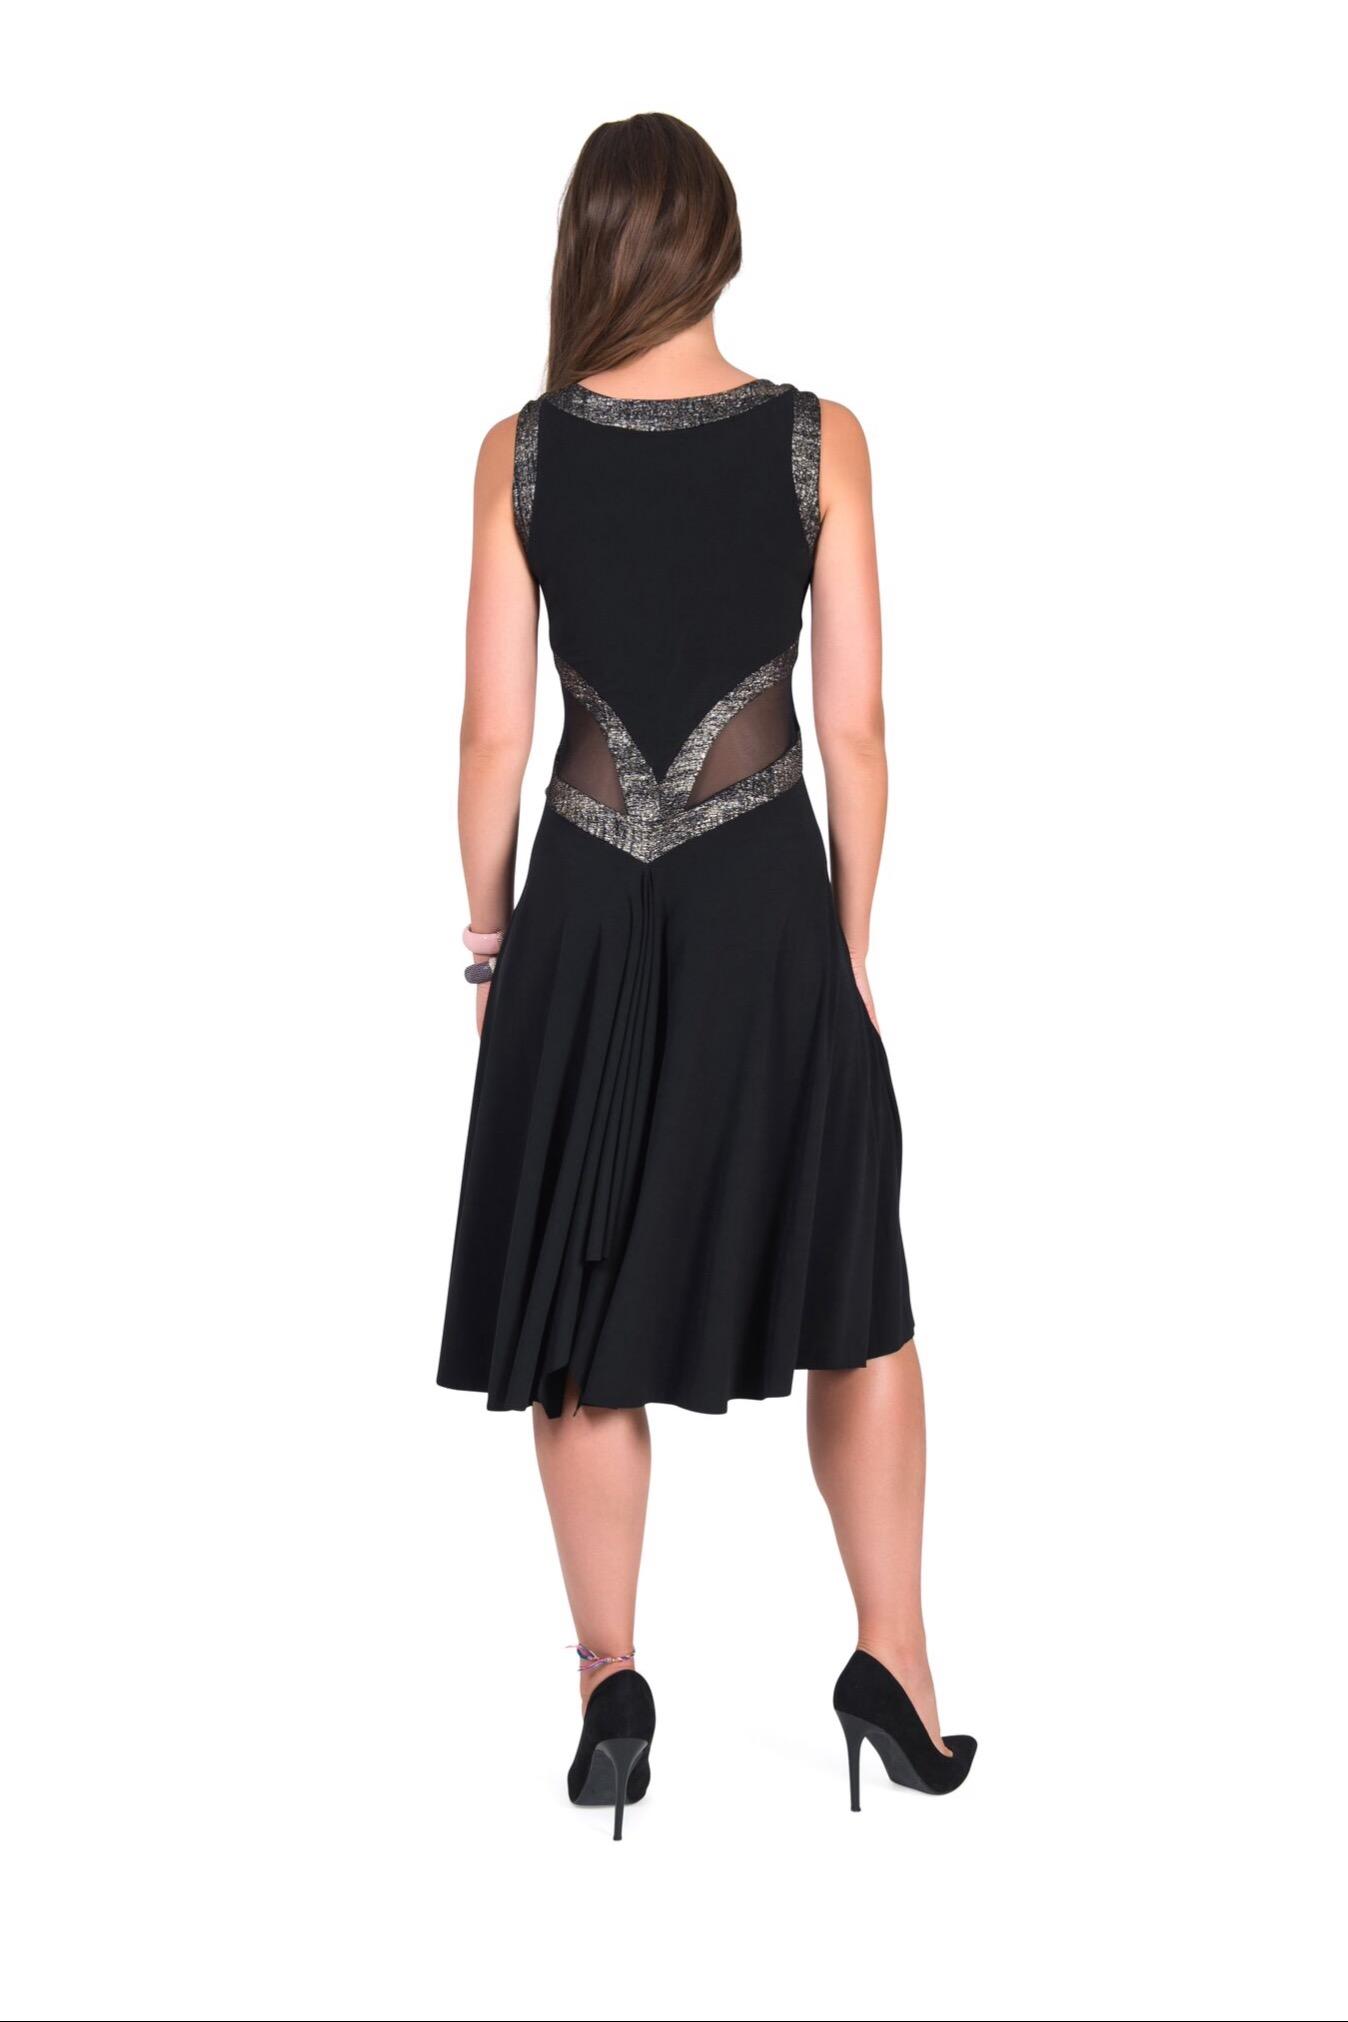 A back view of an elegant black Tango dress